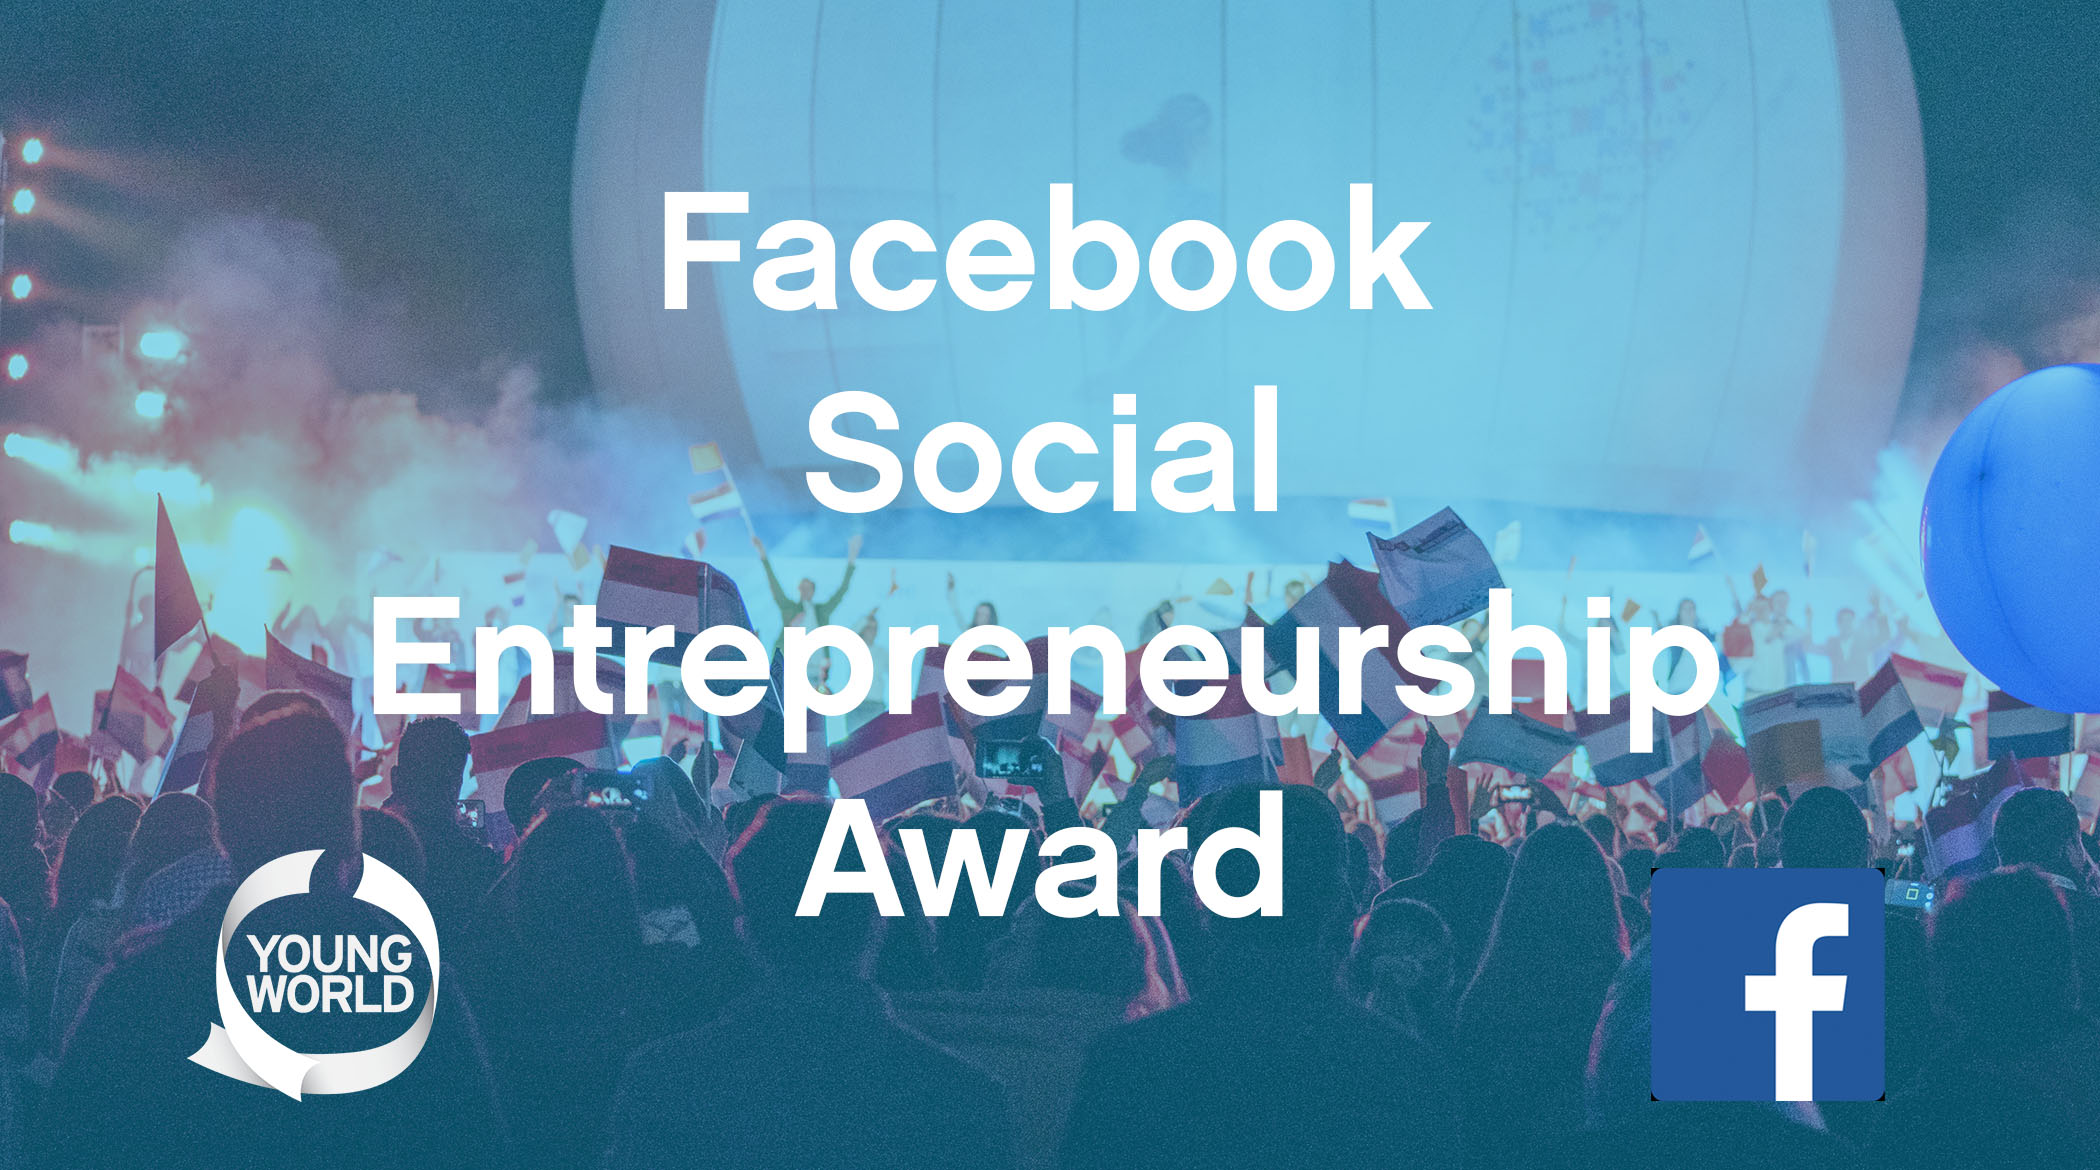 Social Entrepreneurship Award 2018 2019 for e Young World